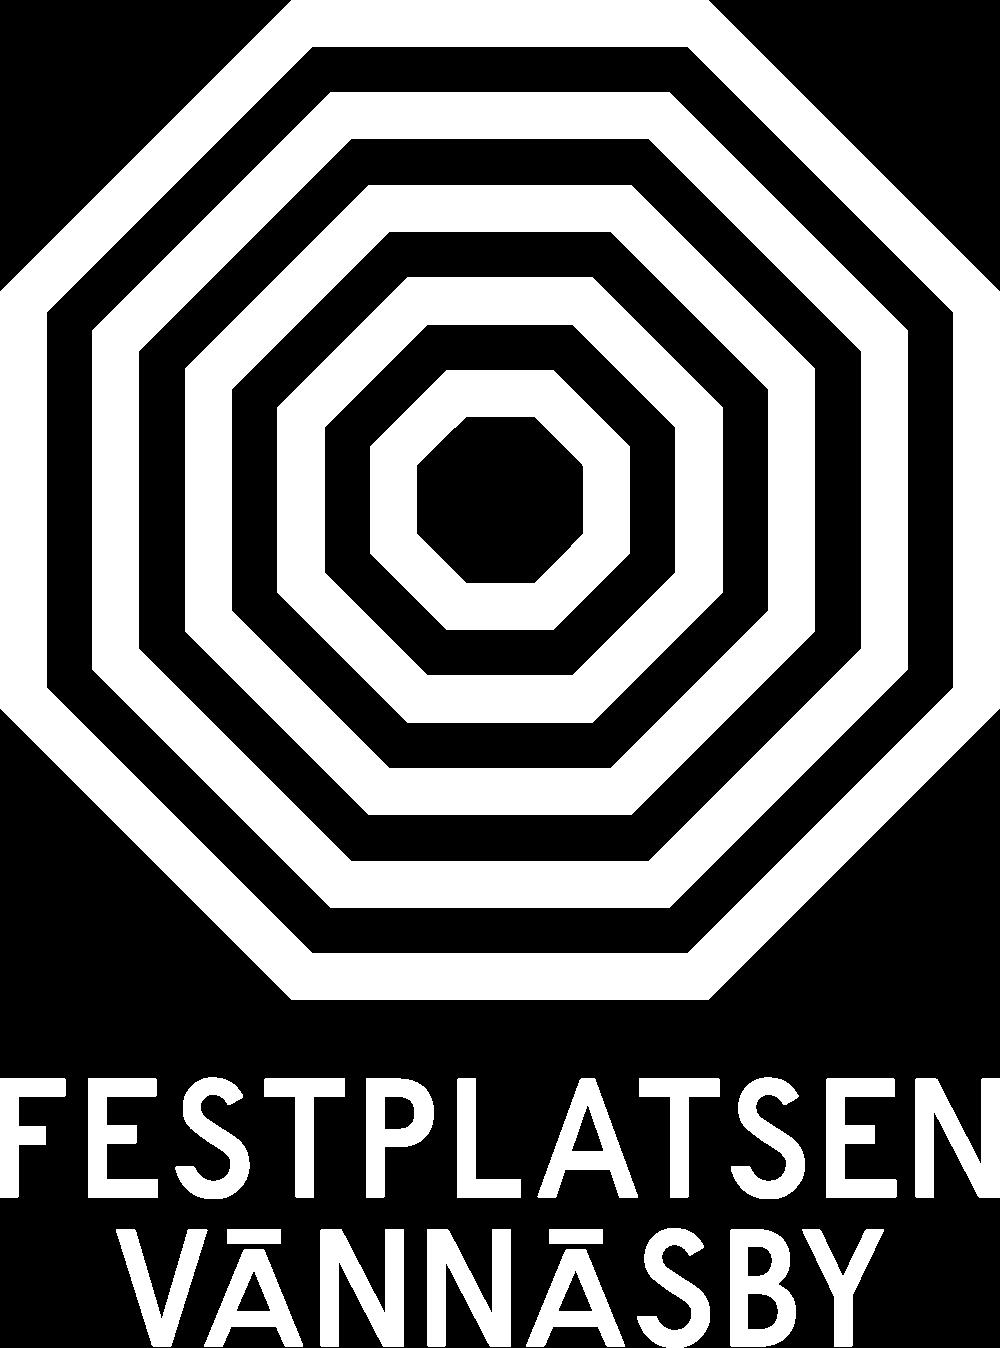 Festplatsen Vännäsby